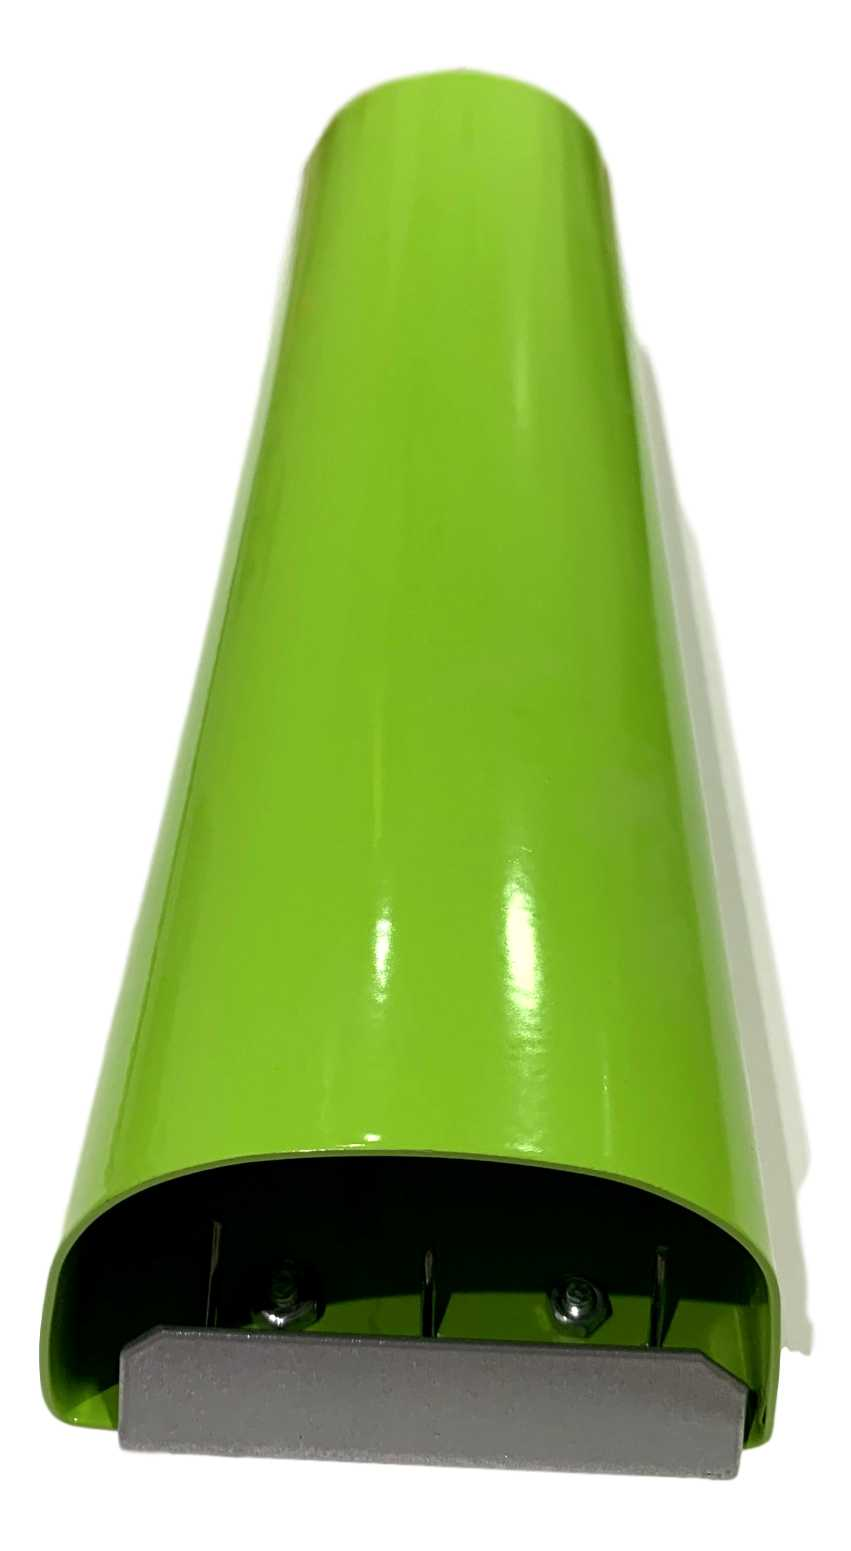 Reco Reco Gope 3 Molas Verde Limao